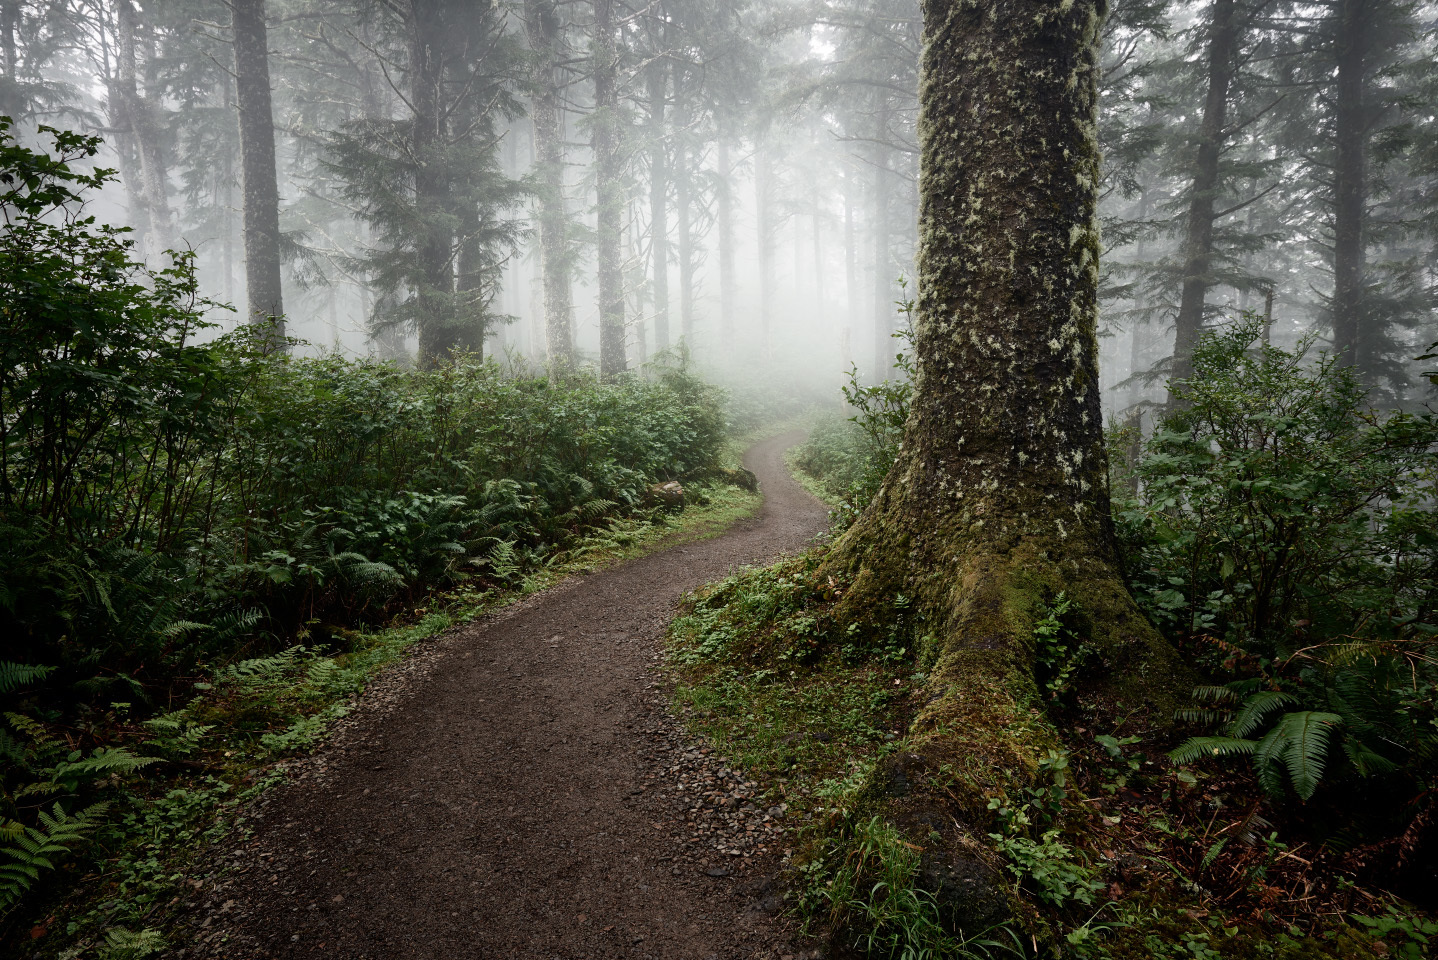 Old Growth Forest Trail, Coastal Oregon